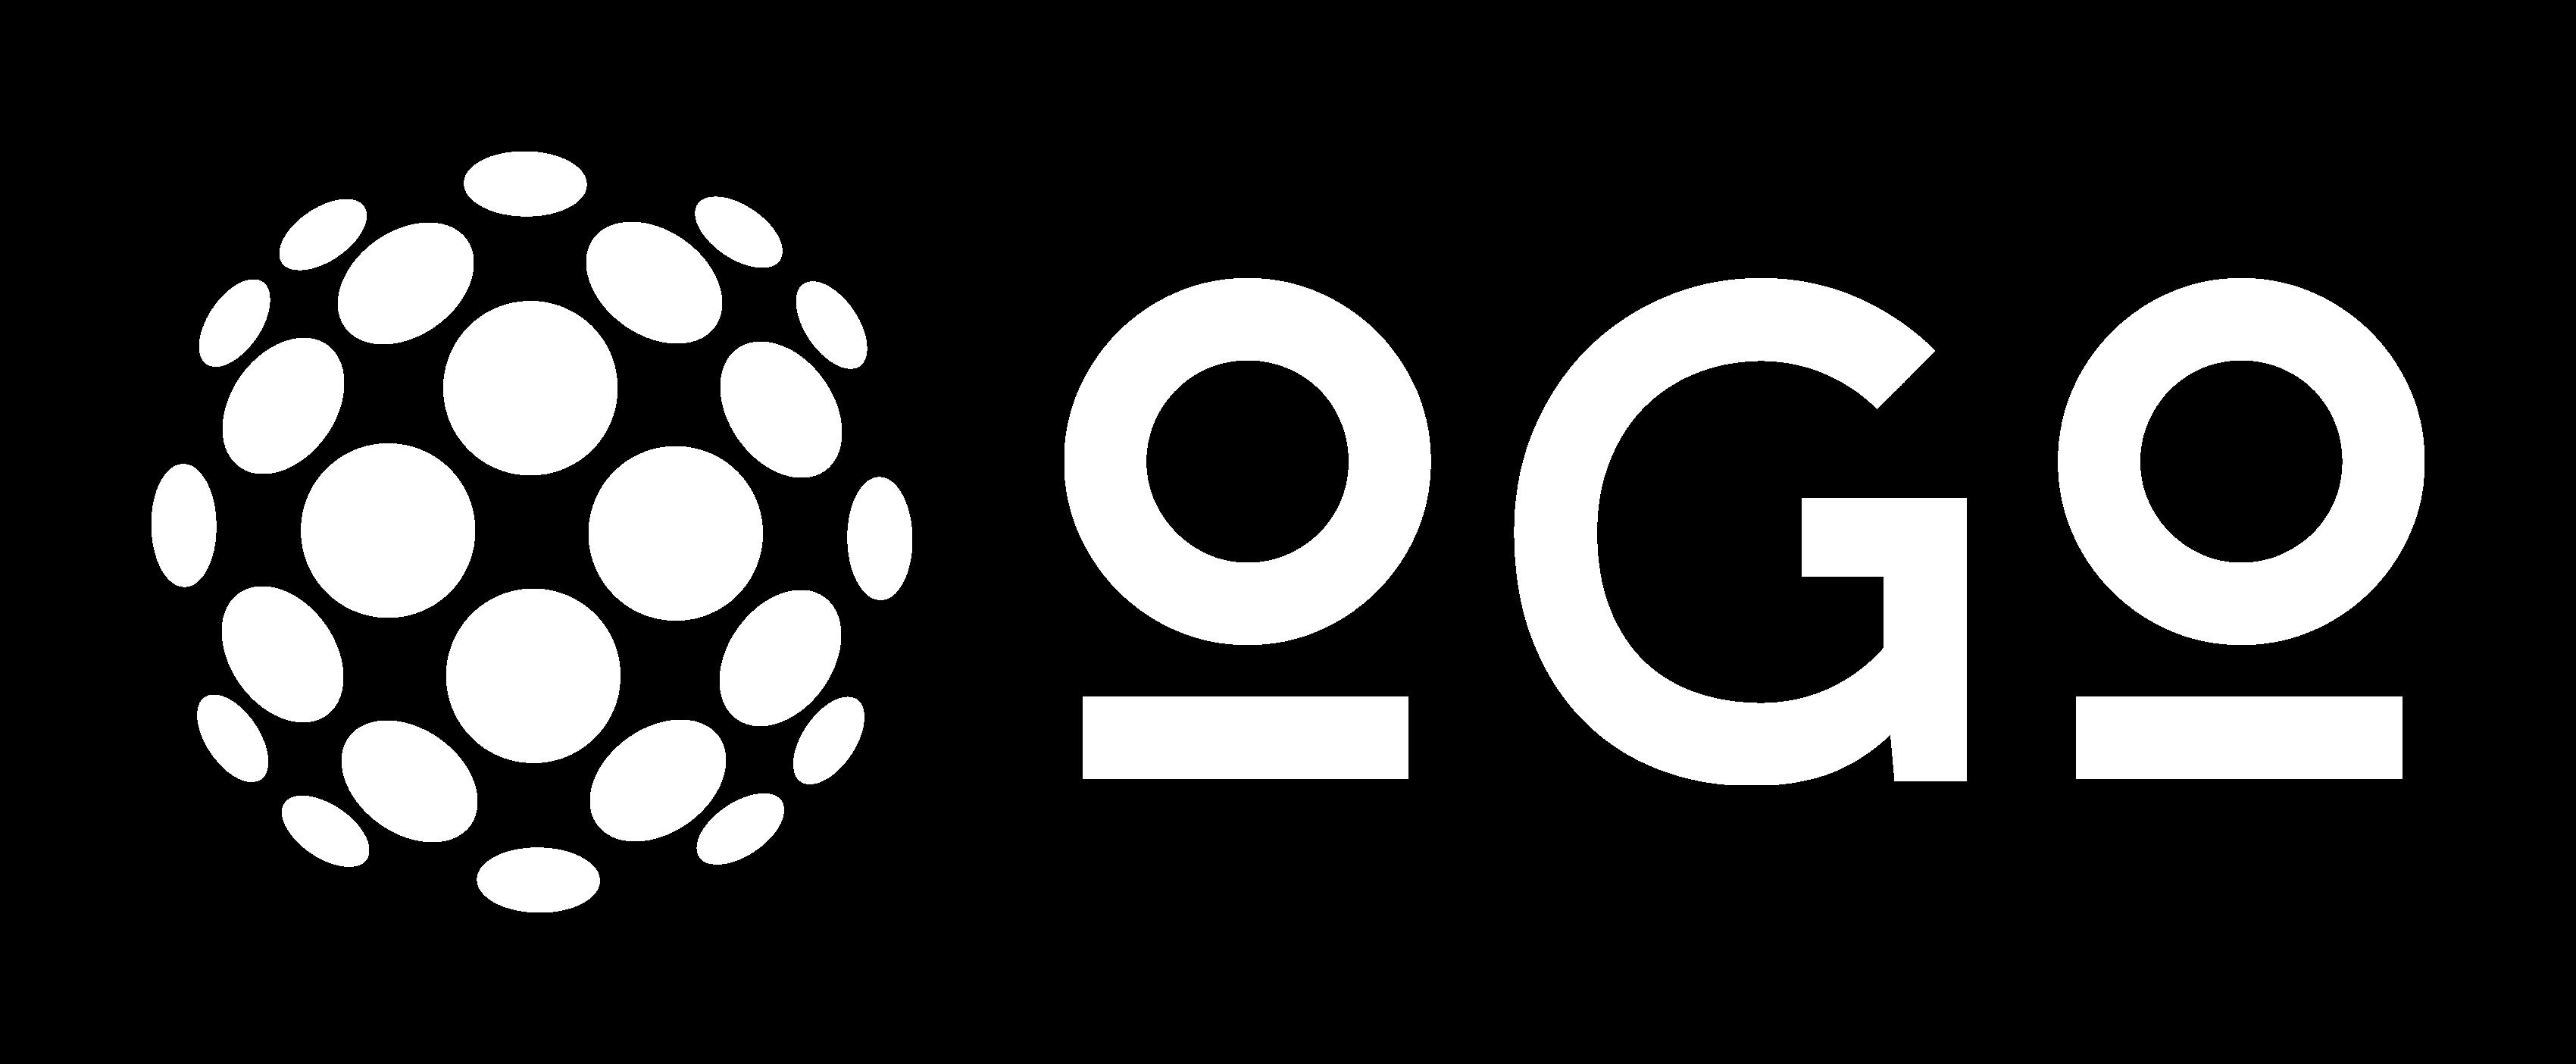 Charla de Marketing Digital - U. del Pacífico